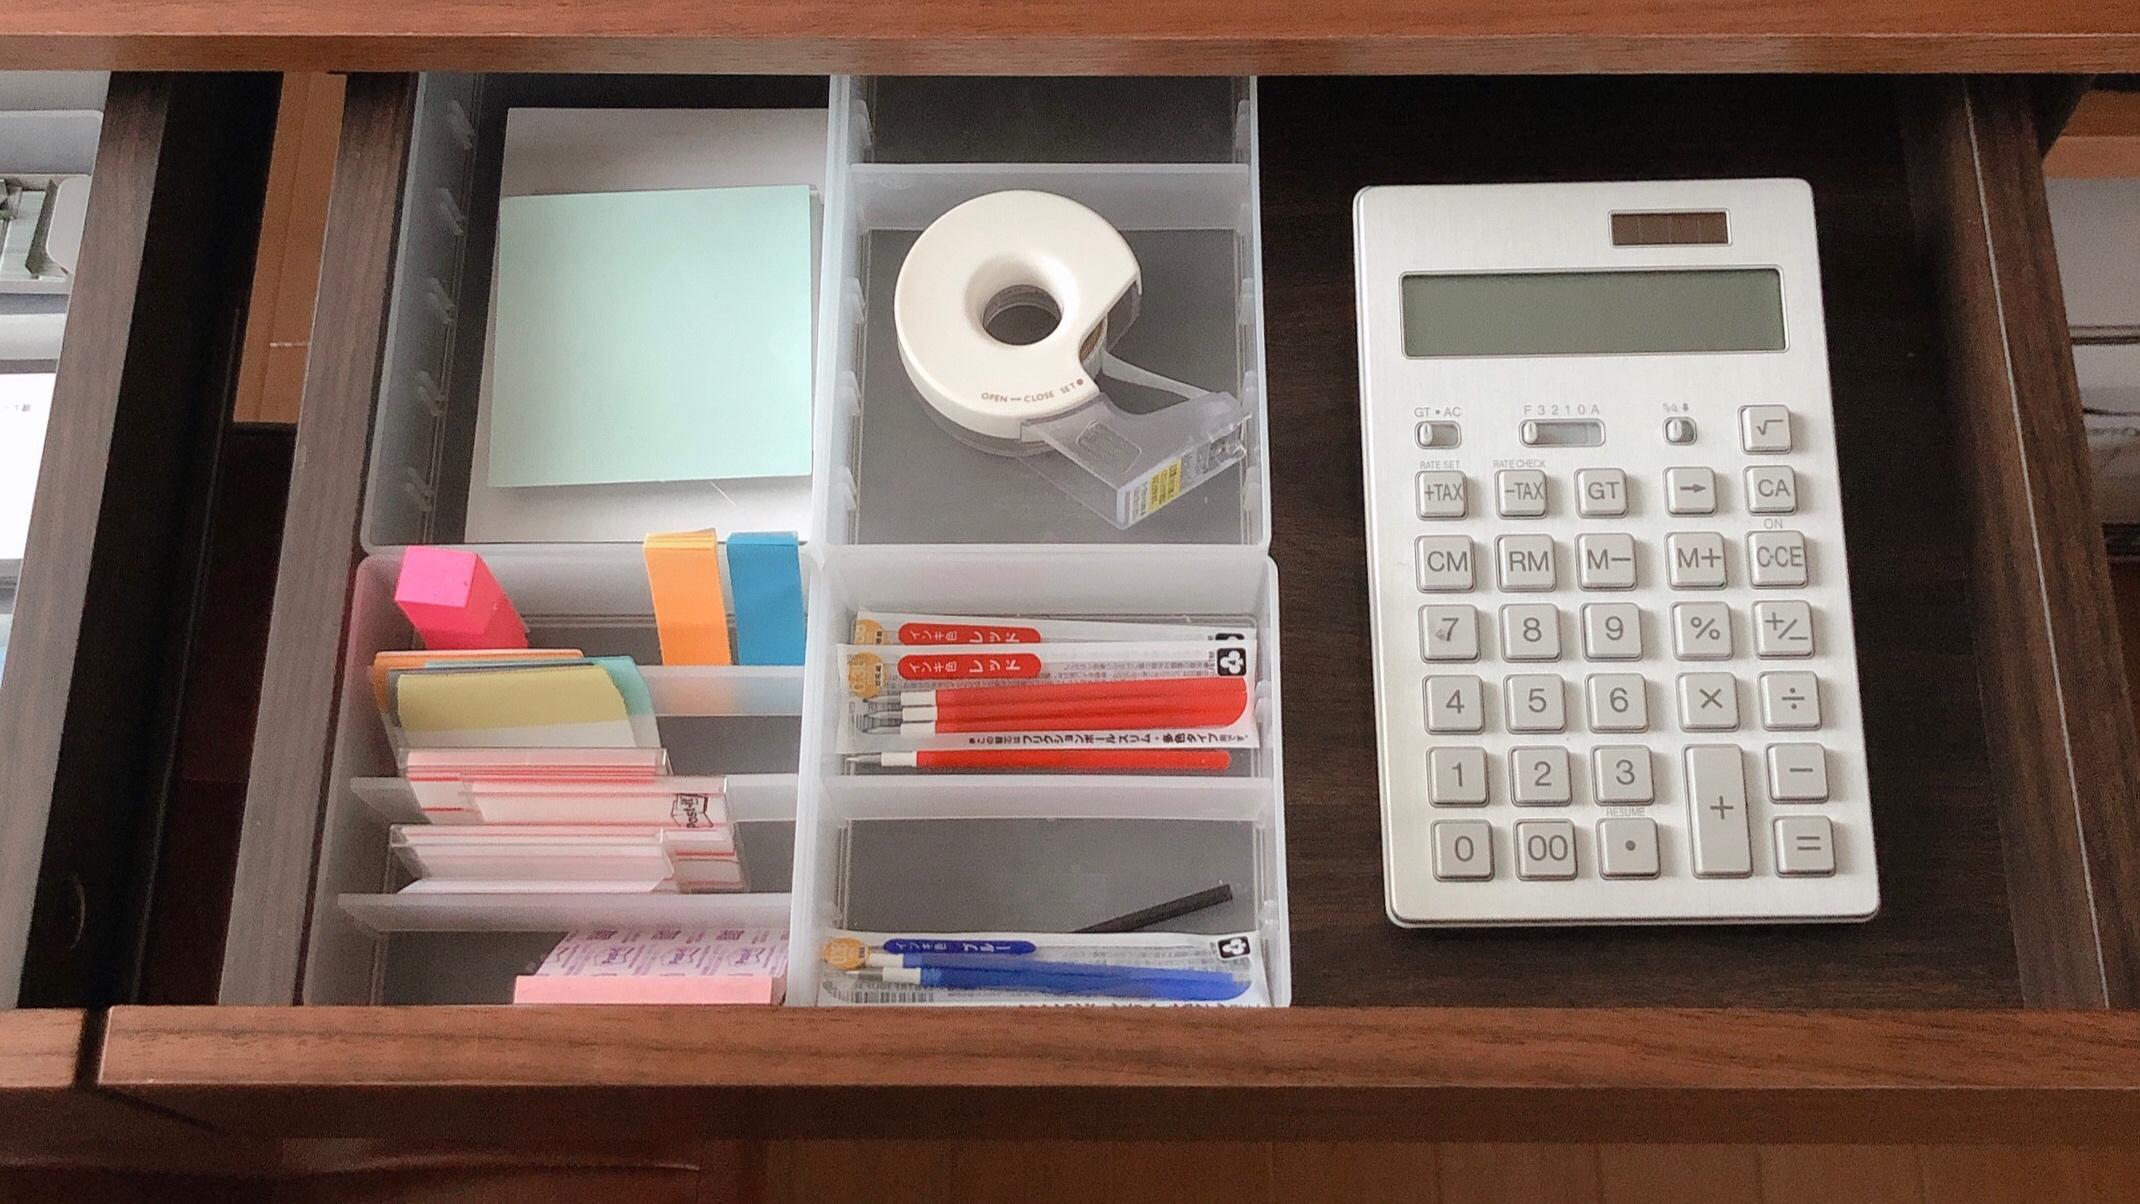 仕事デスクの引き出し収納◆取り出しやすさのためには、あえて使わないこと